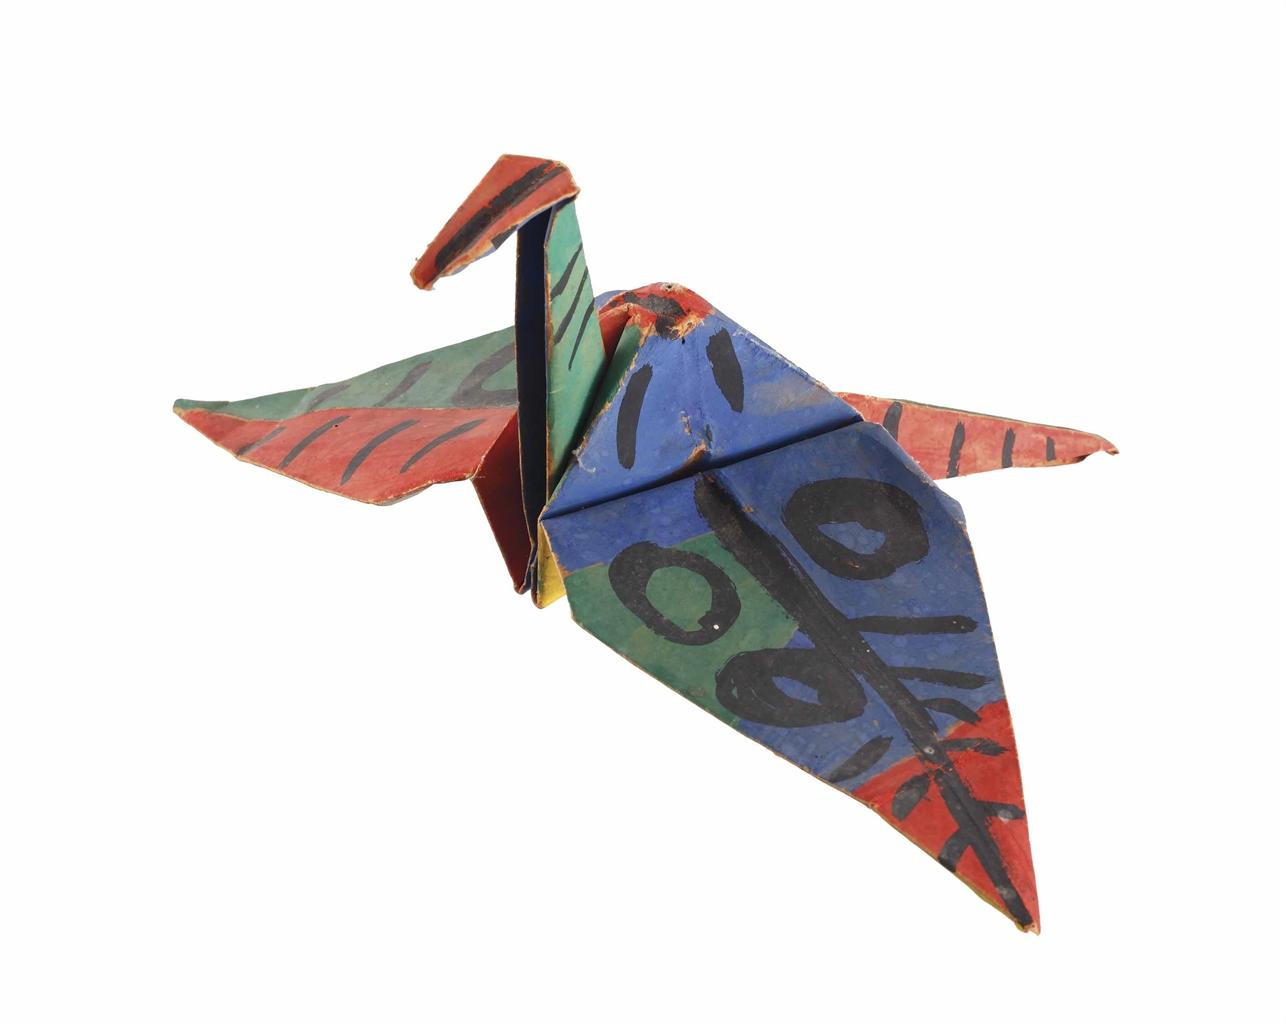 Karel Appel-Vogeltje (Little Bird)-1950